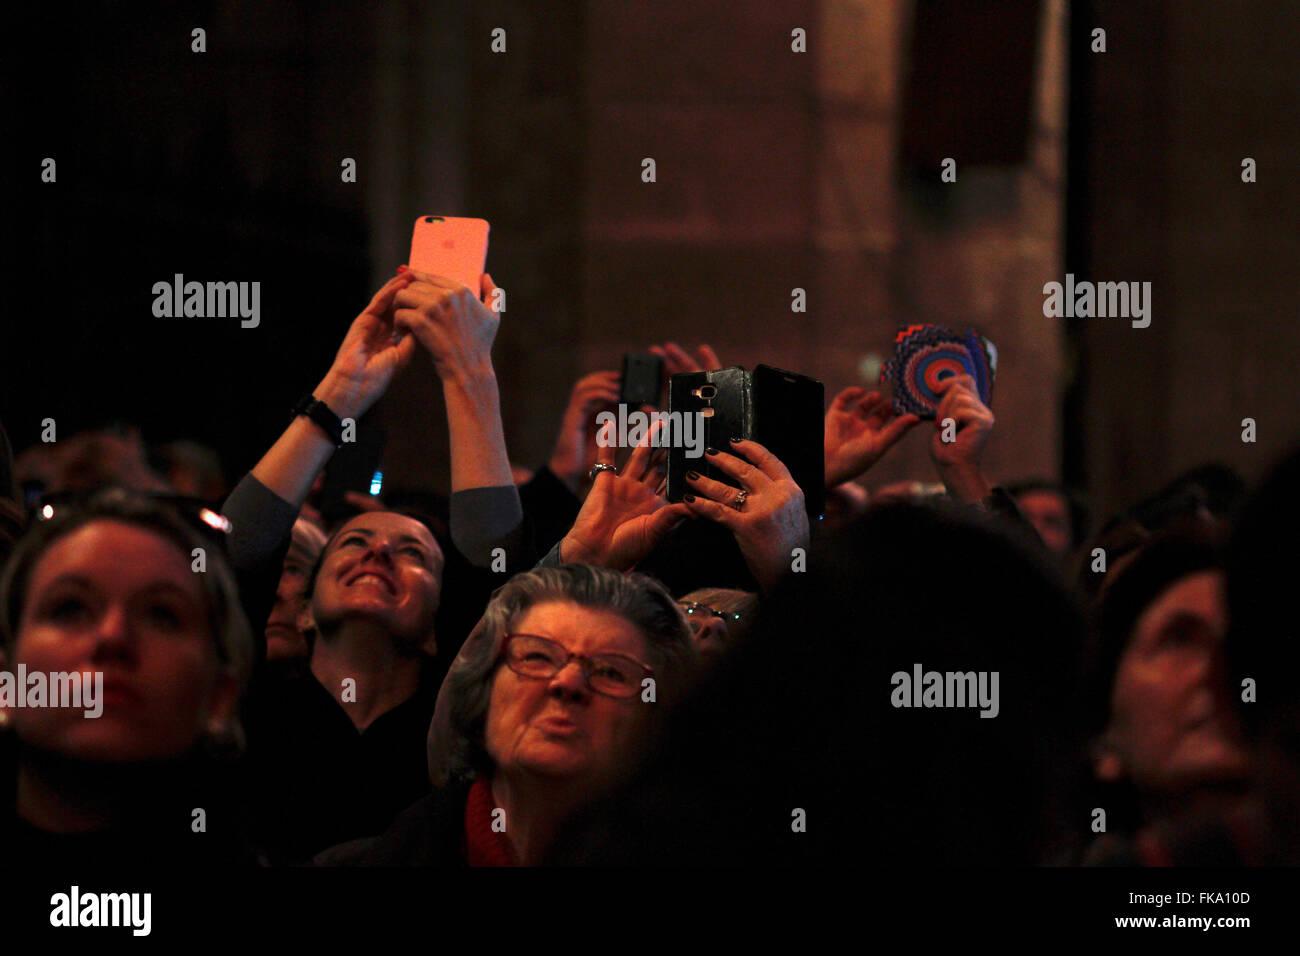 Palma de Majorque, Espagne - Février 02, 2016. Les gens de prendre des photos dans le spectacle de la cathédrale. Photo Stock